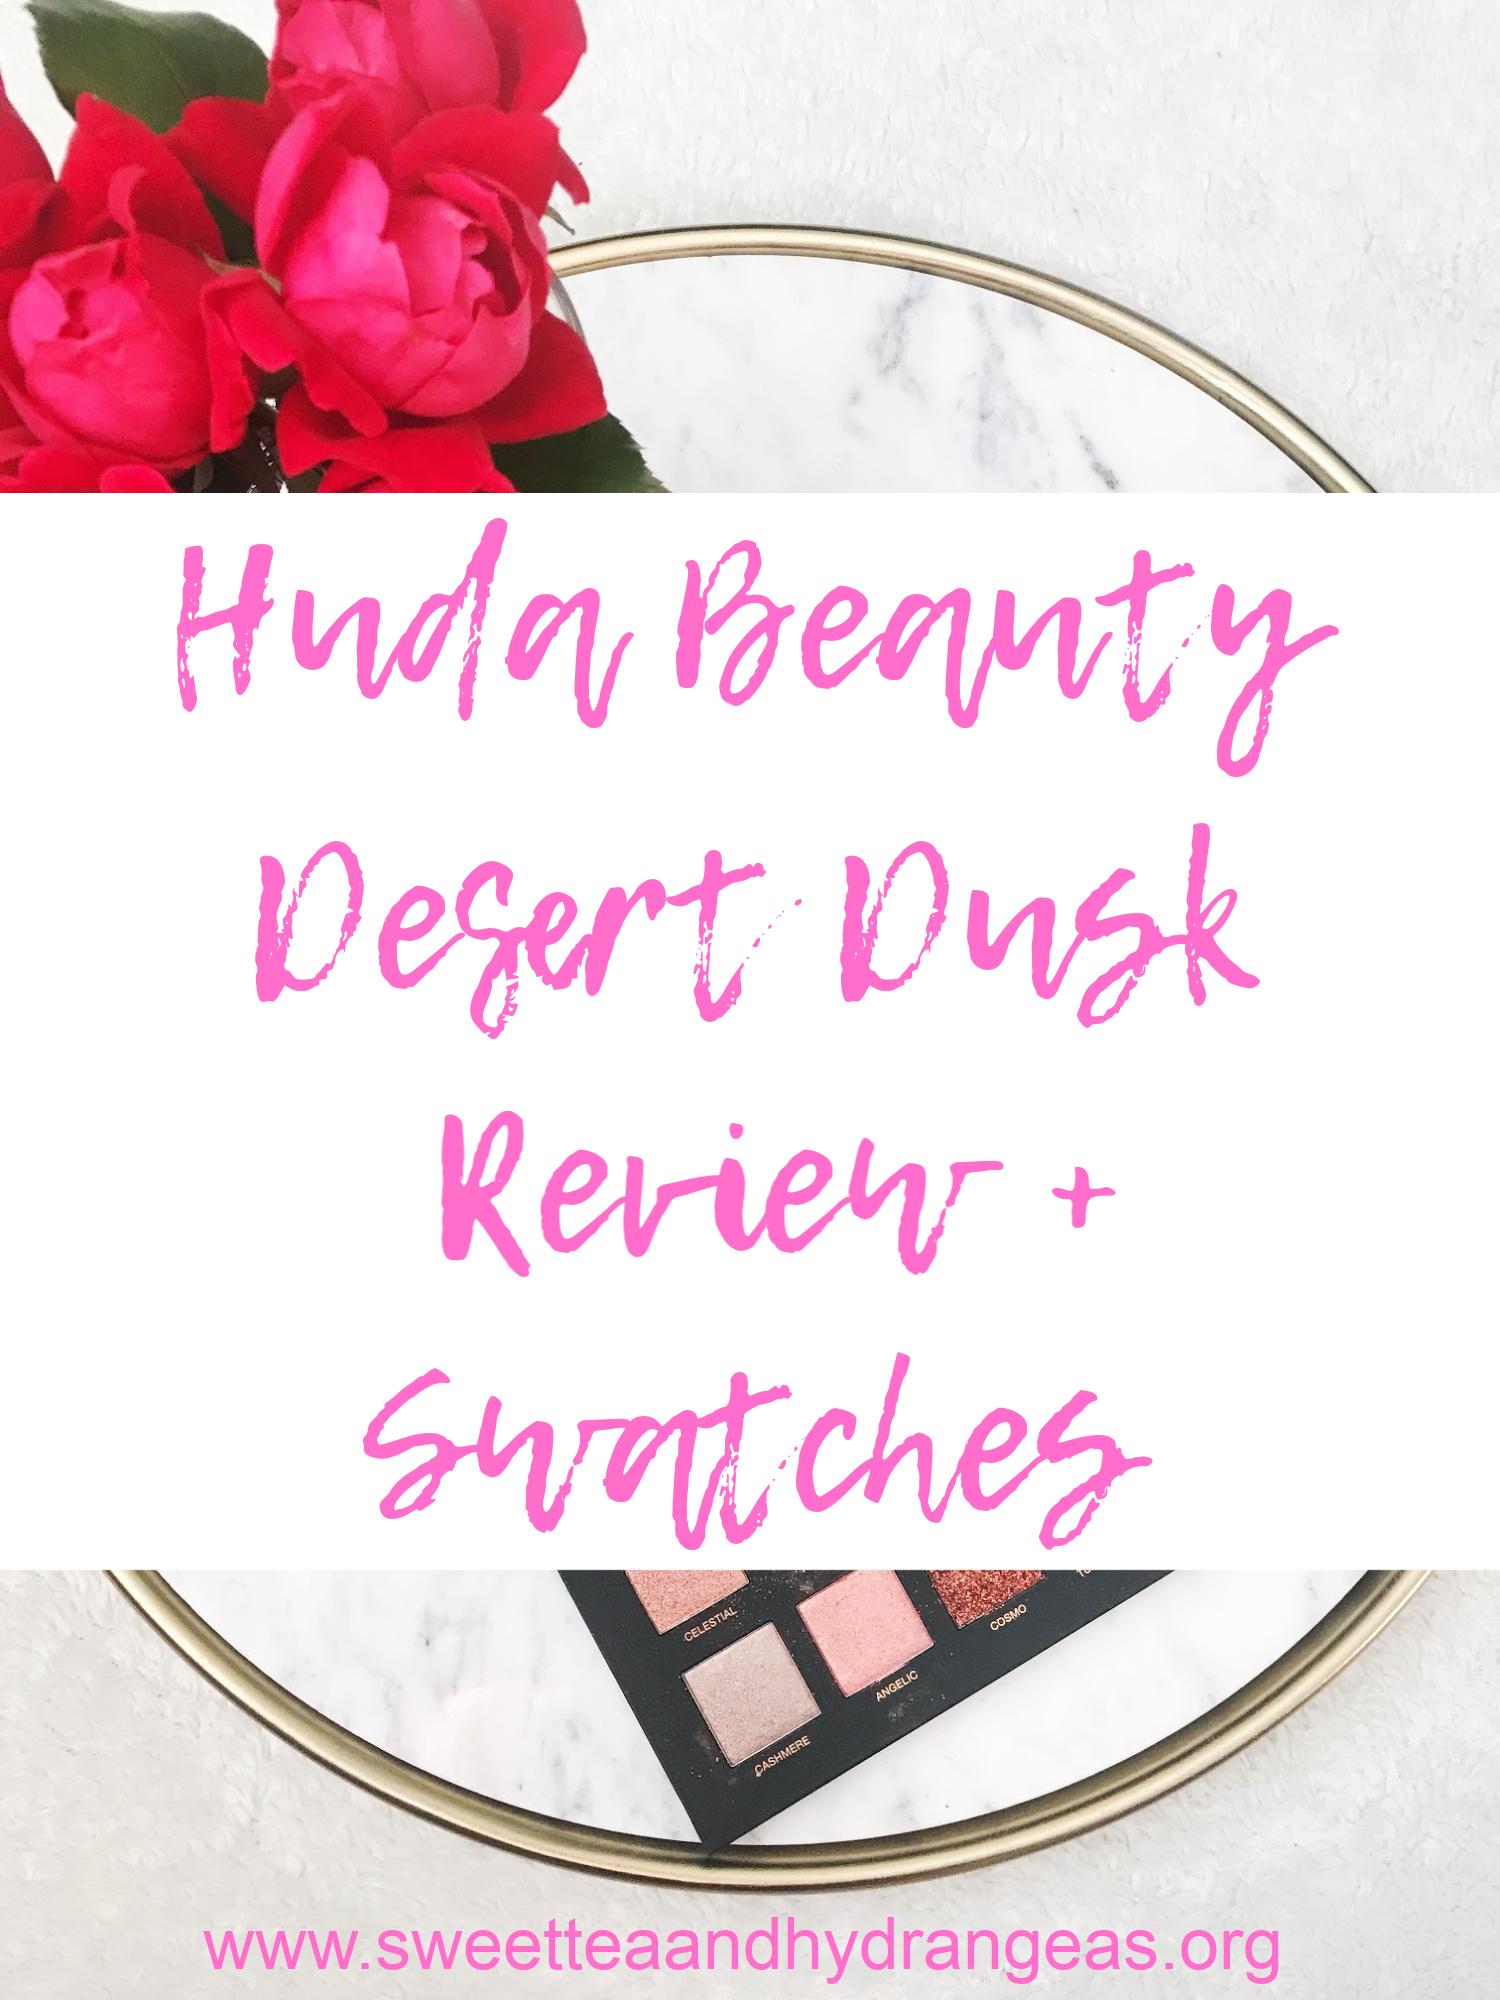 STH Huda Beauty Desert Dusk Review + Swatches